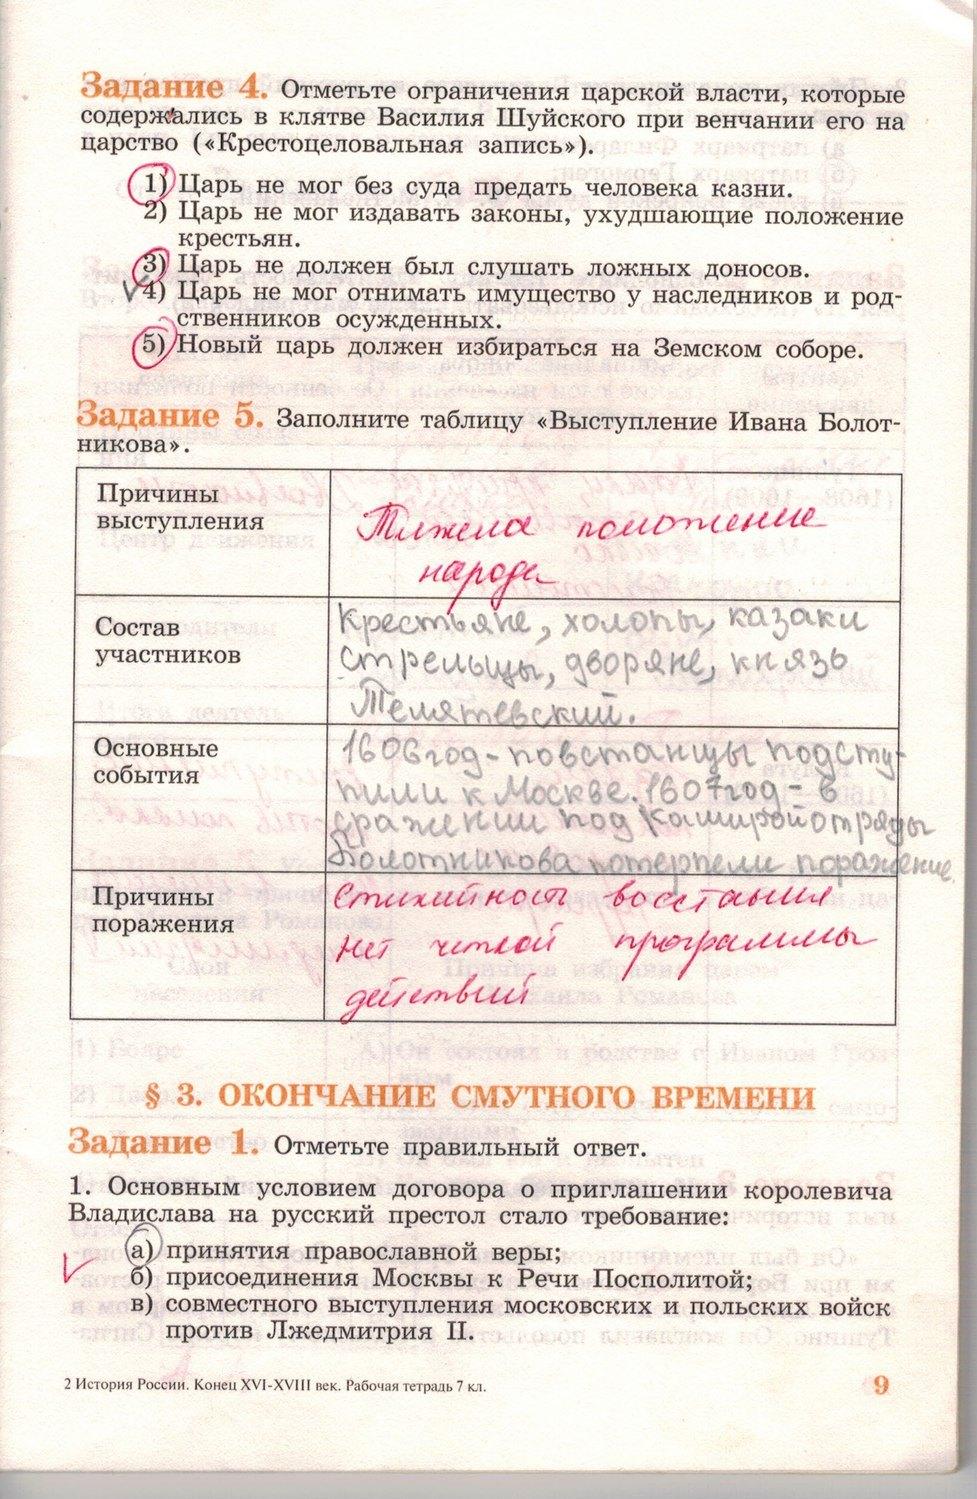 гдз по истории россии 9 класс данилов рабочая тетрадь 1